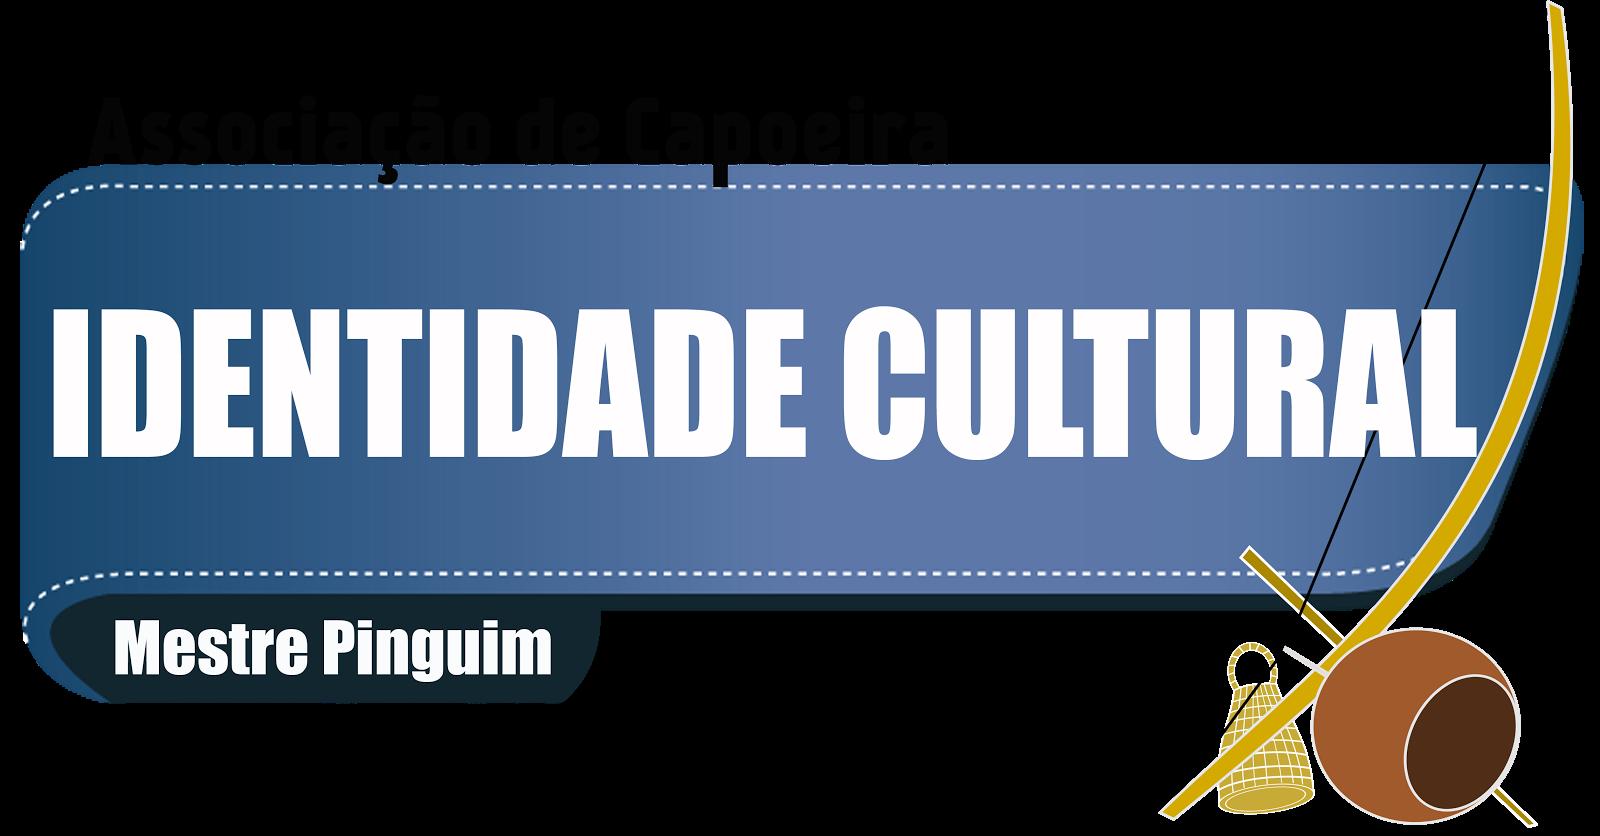 Associação de Capoeira Identidade Cultural